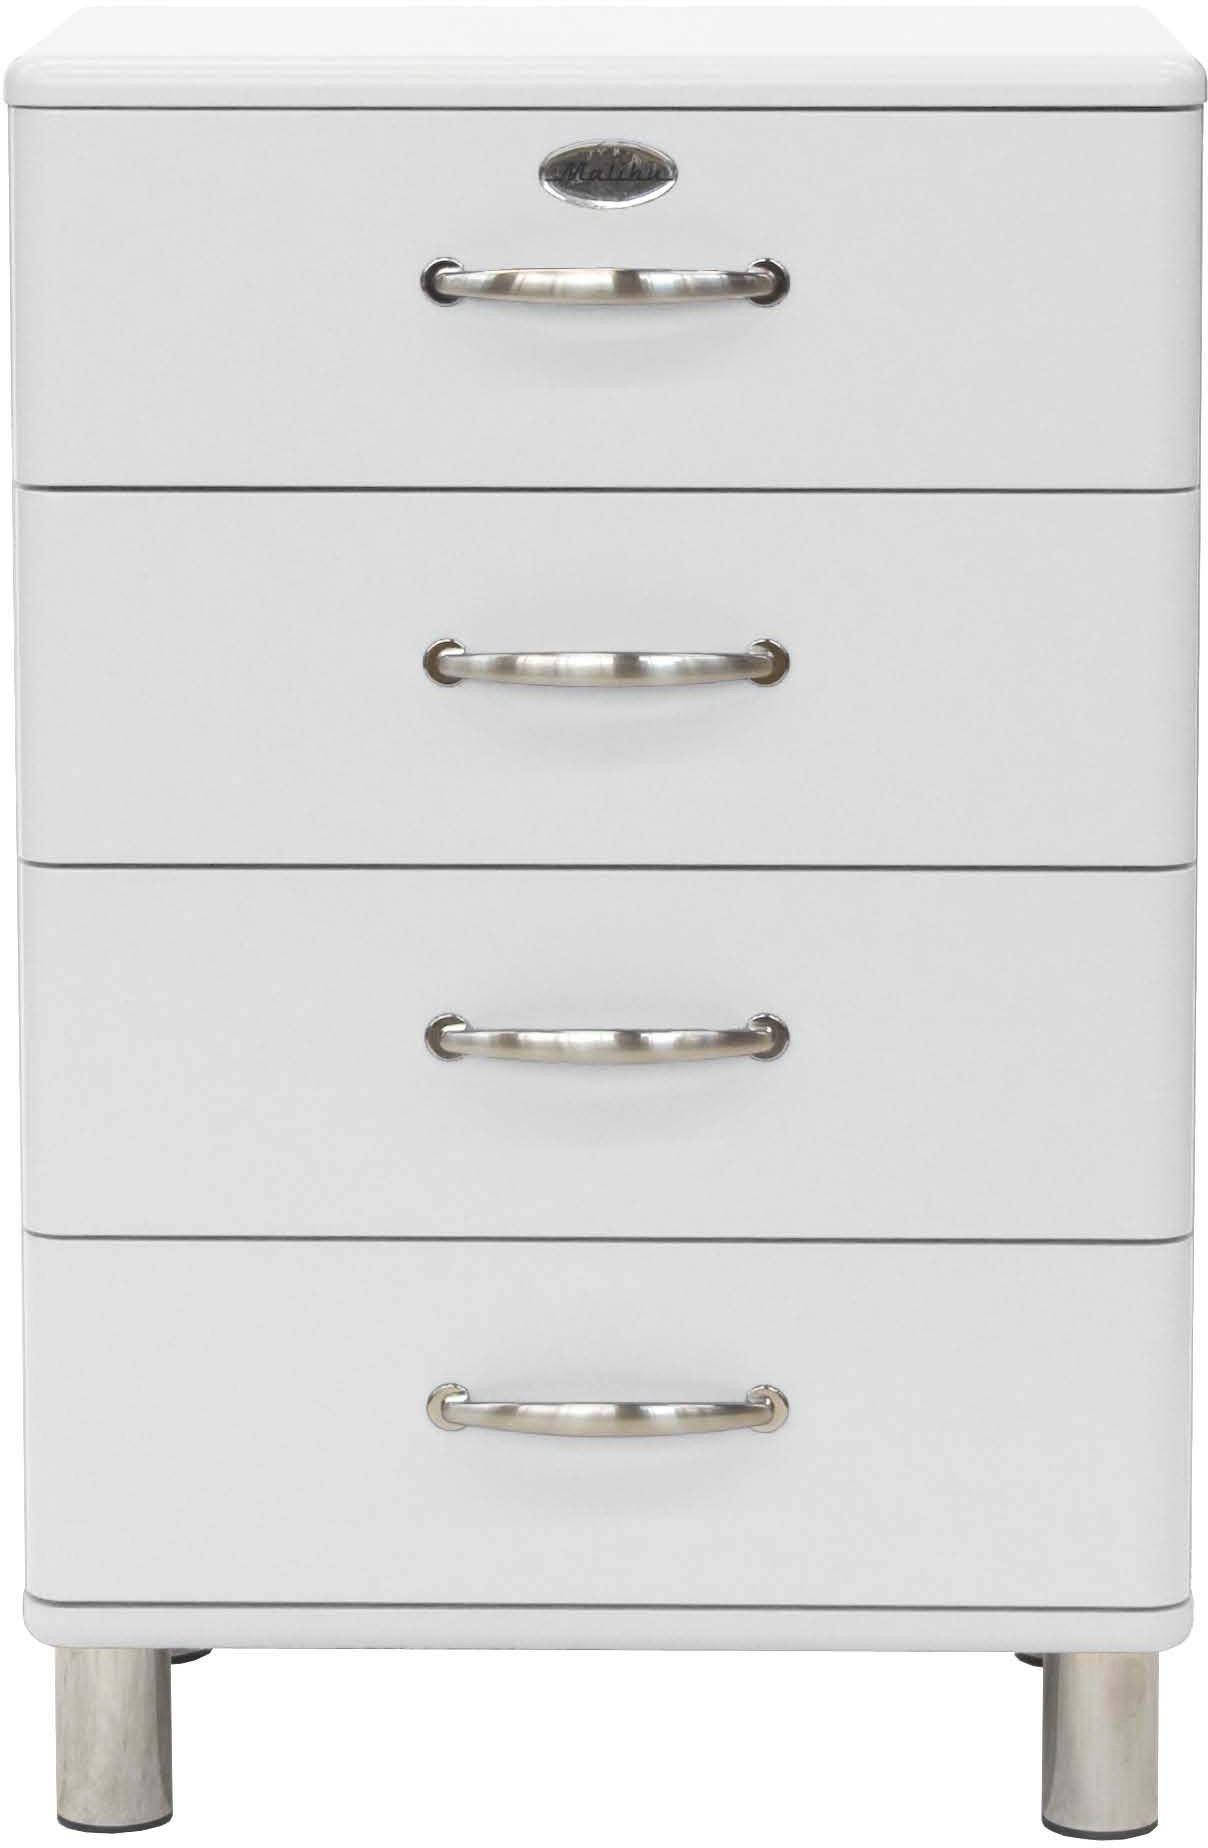 KOMMODE Weiß - Weiß/Nickelfarben, Design, Metall (60/92/41cm) - CARRYHOME